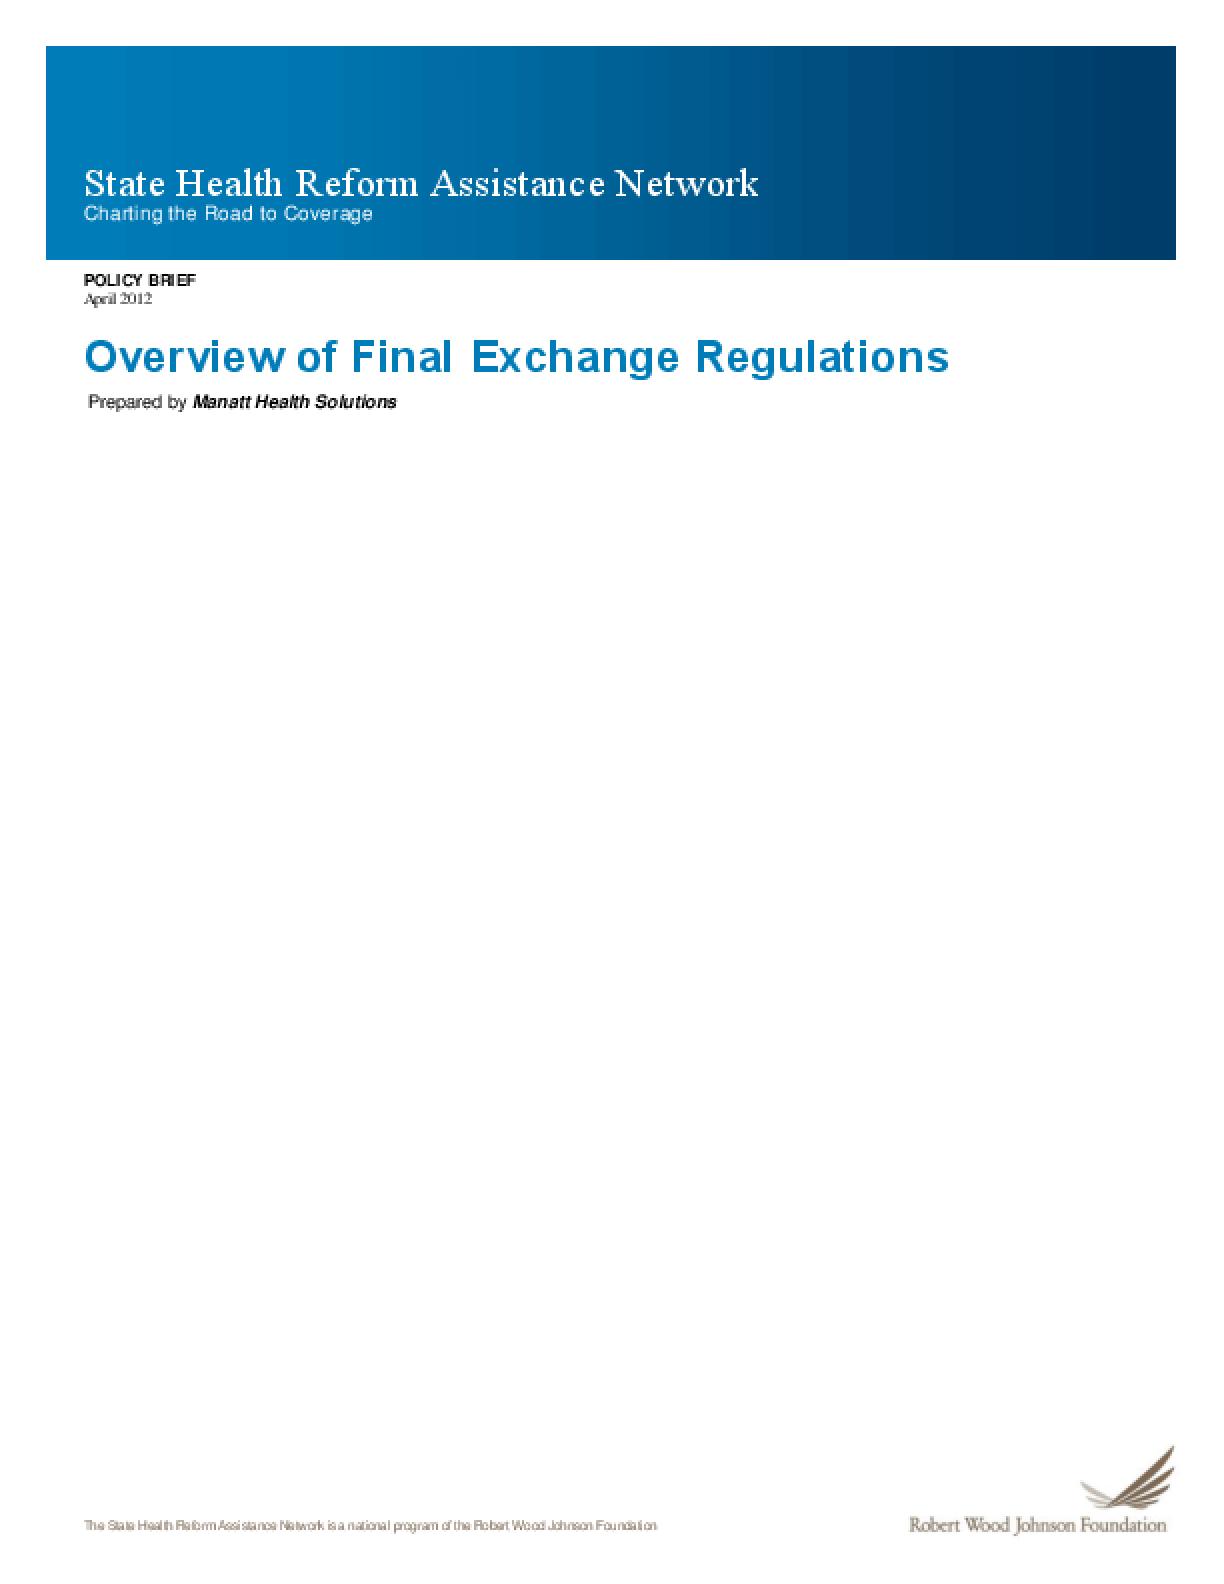 Overview of Final Exchange Regulations